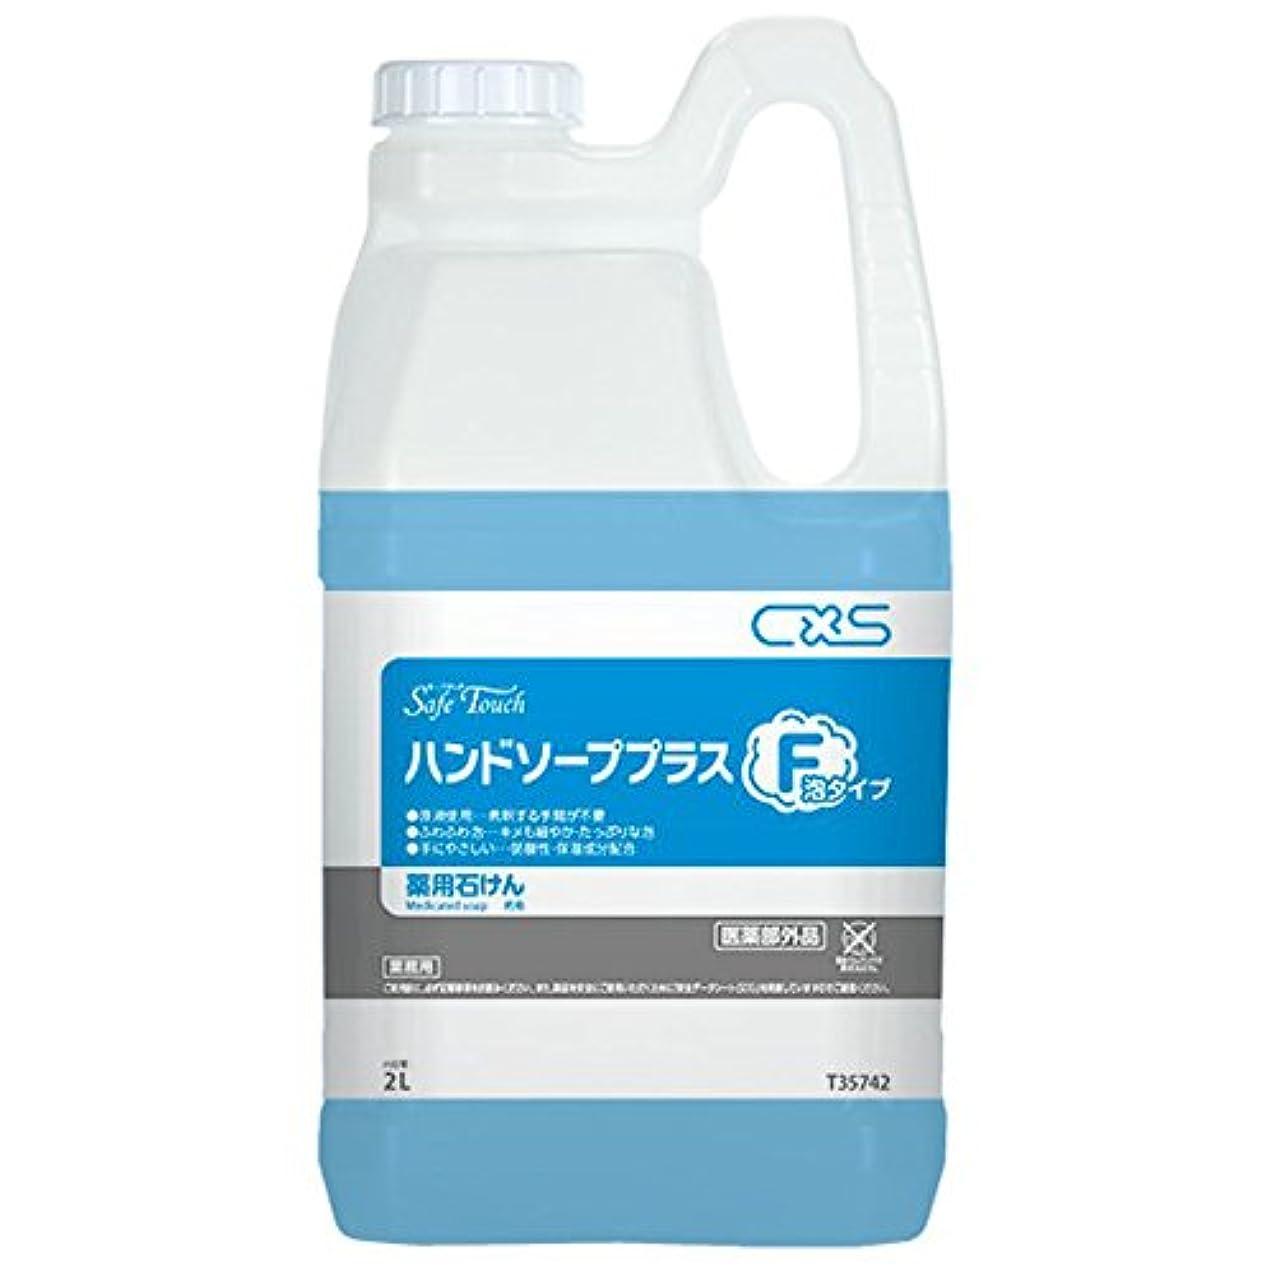 トラフィック用語集更新シーバイエス(C×S) 殺菌?消毒用手洗い石けん セーフタッチハンドソーププラスF 2L